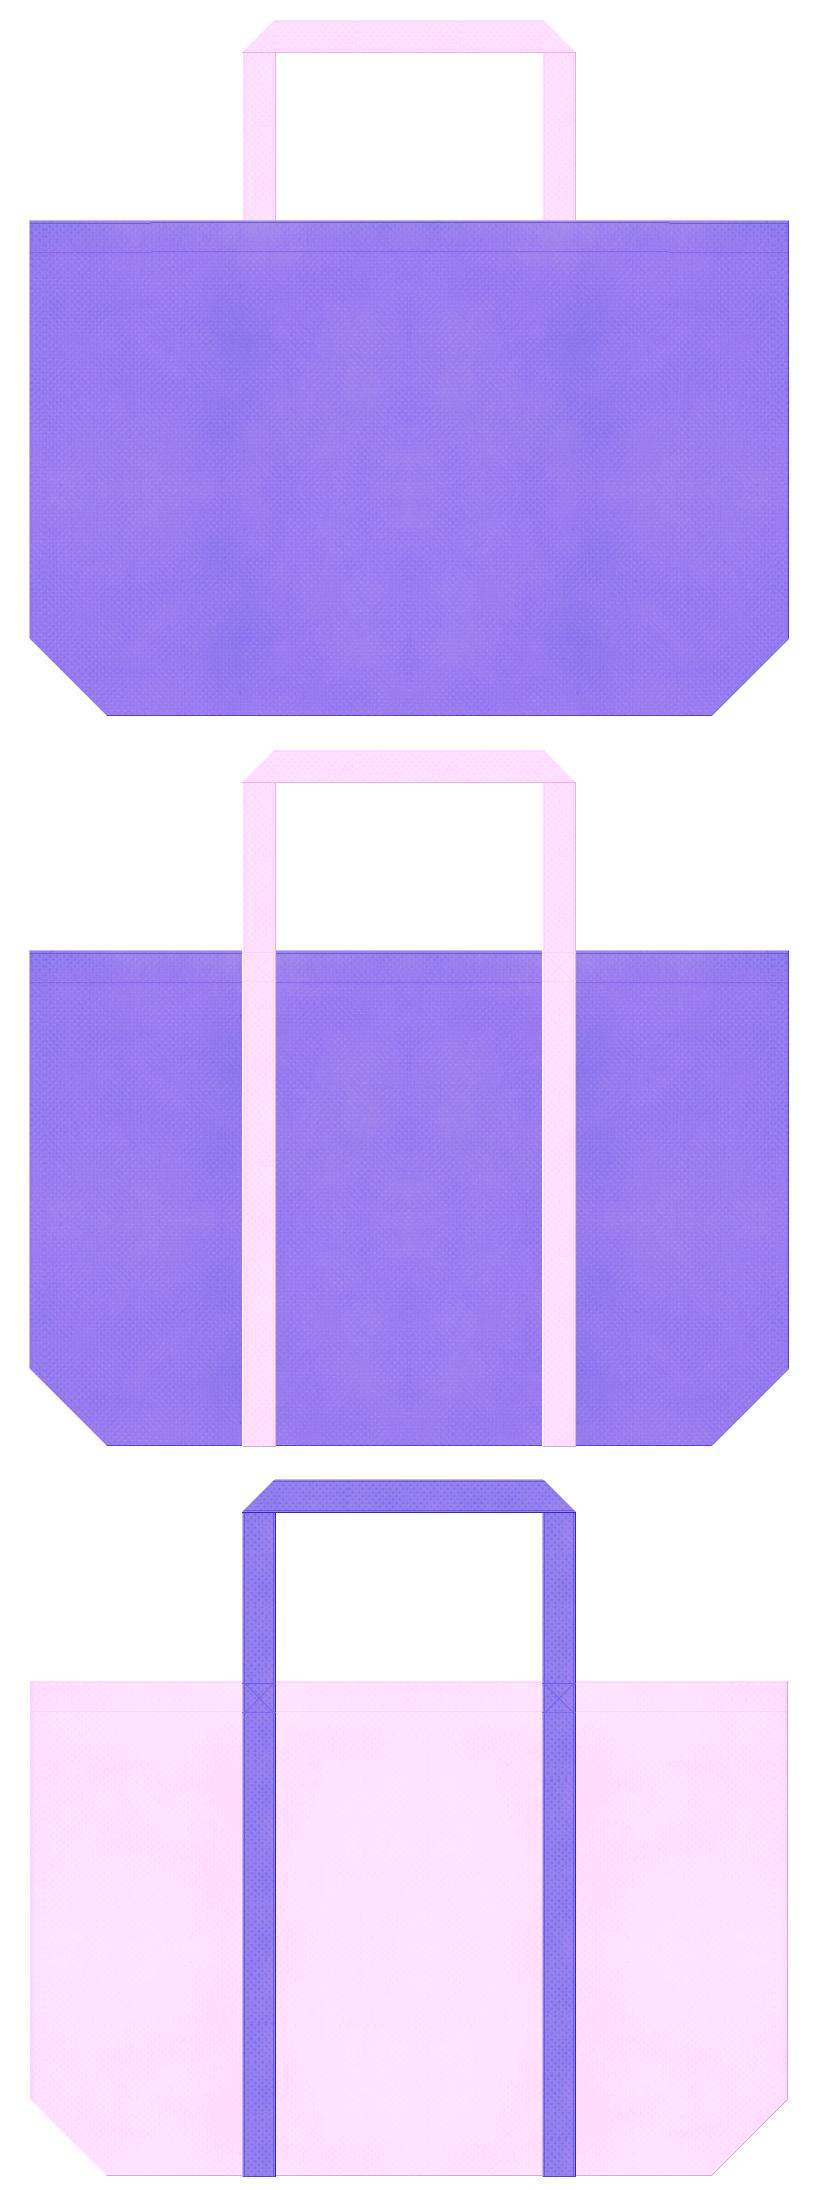 薄紫色と明るいピンク色の不織布ショッピングバッグデザイン。福祉用具・介護用品のショッピングバッグにお奨めです。